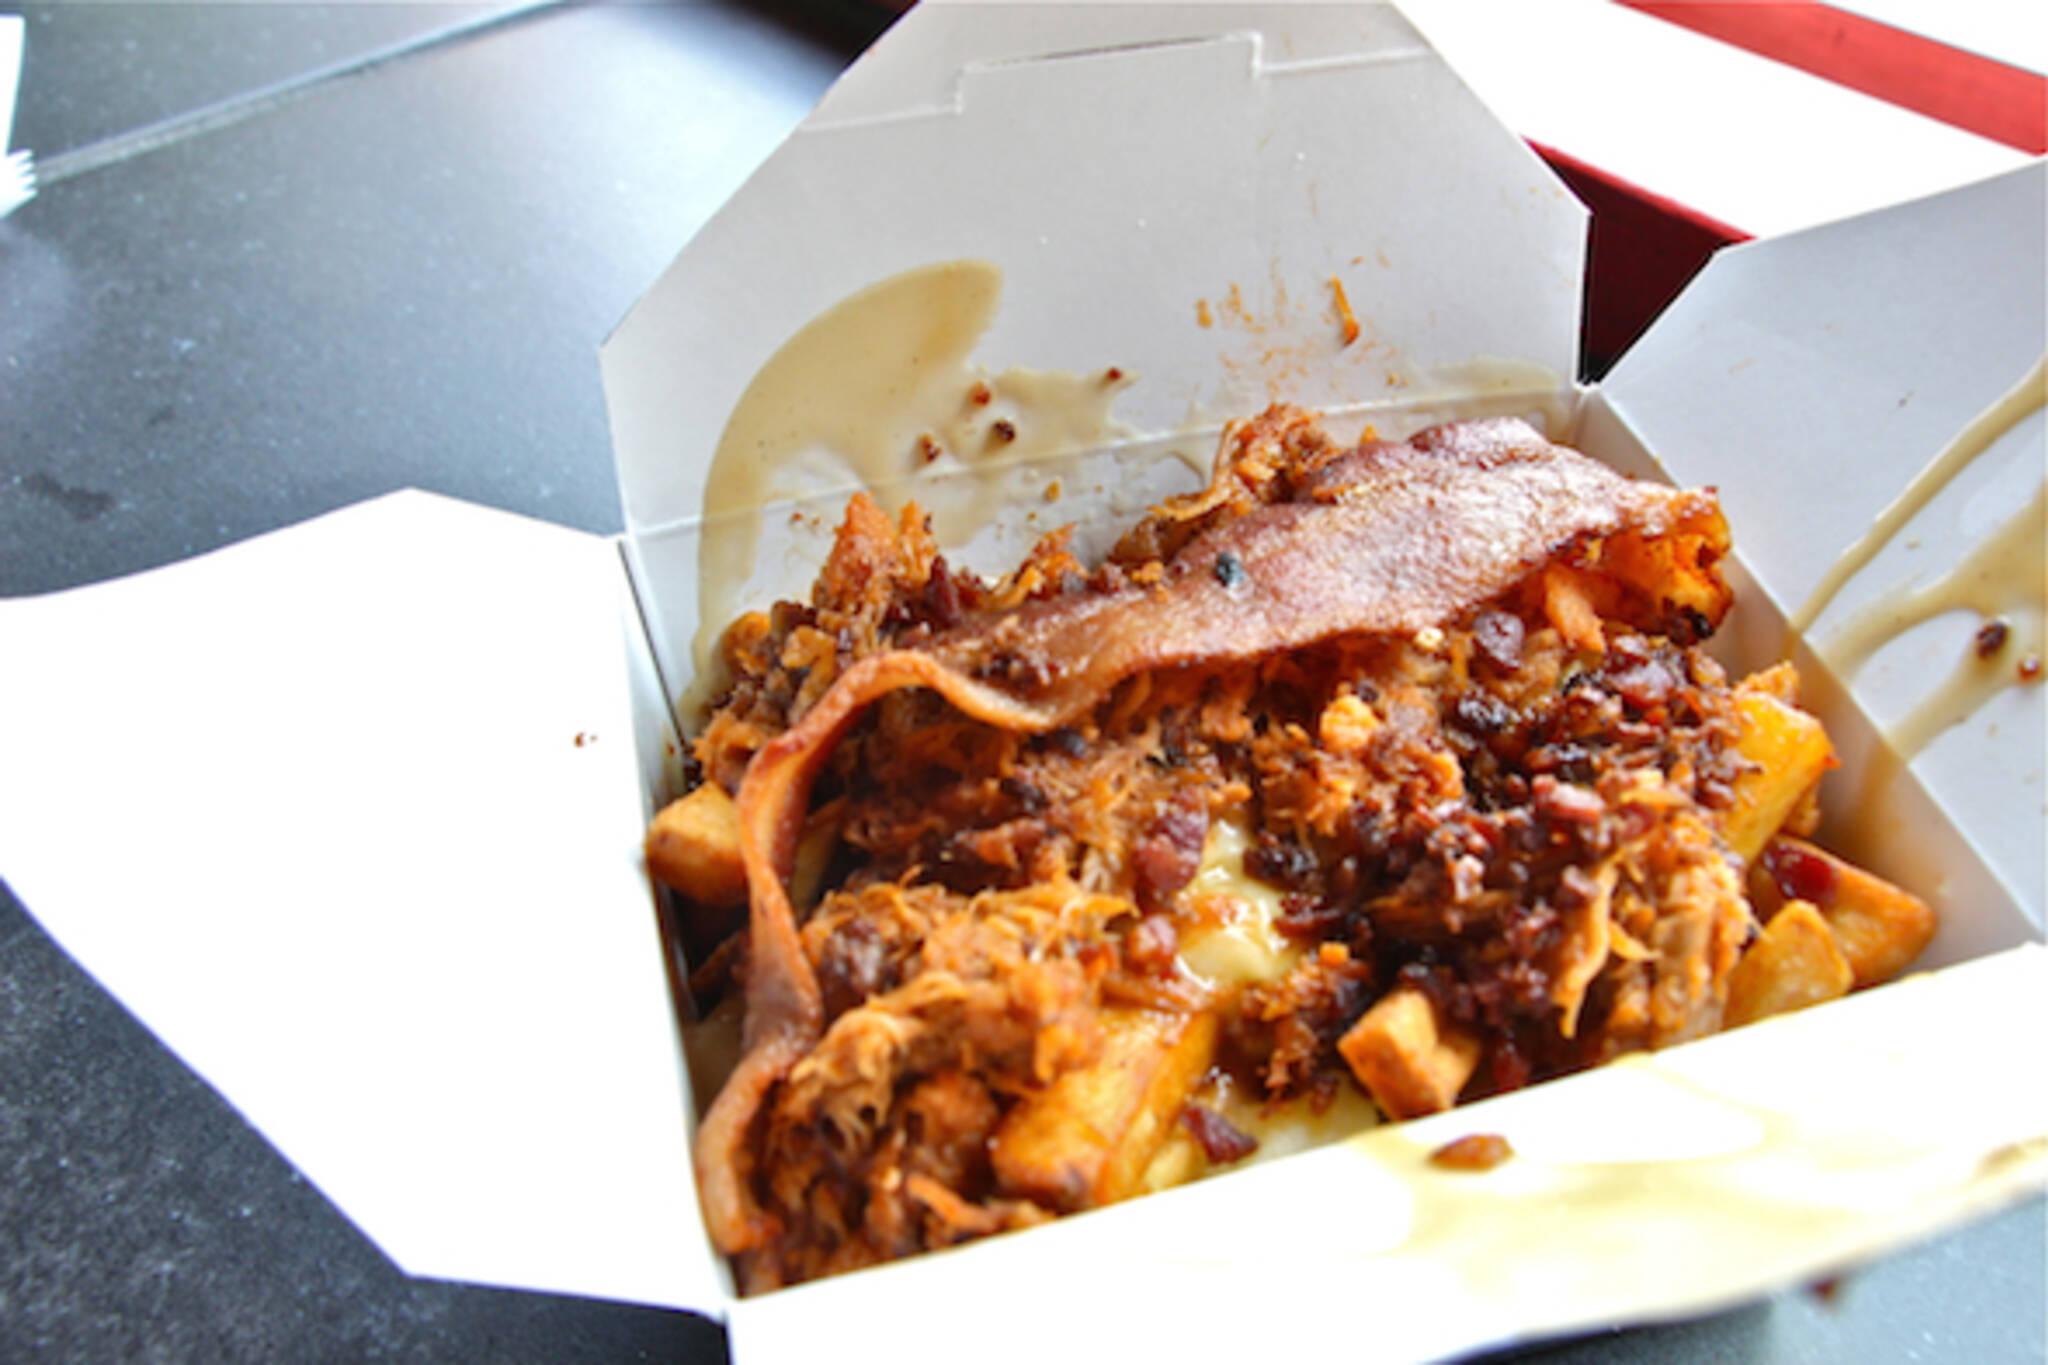 bacon nation toronto